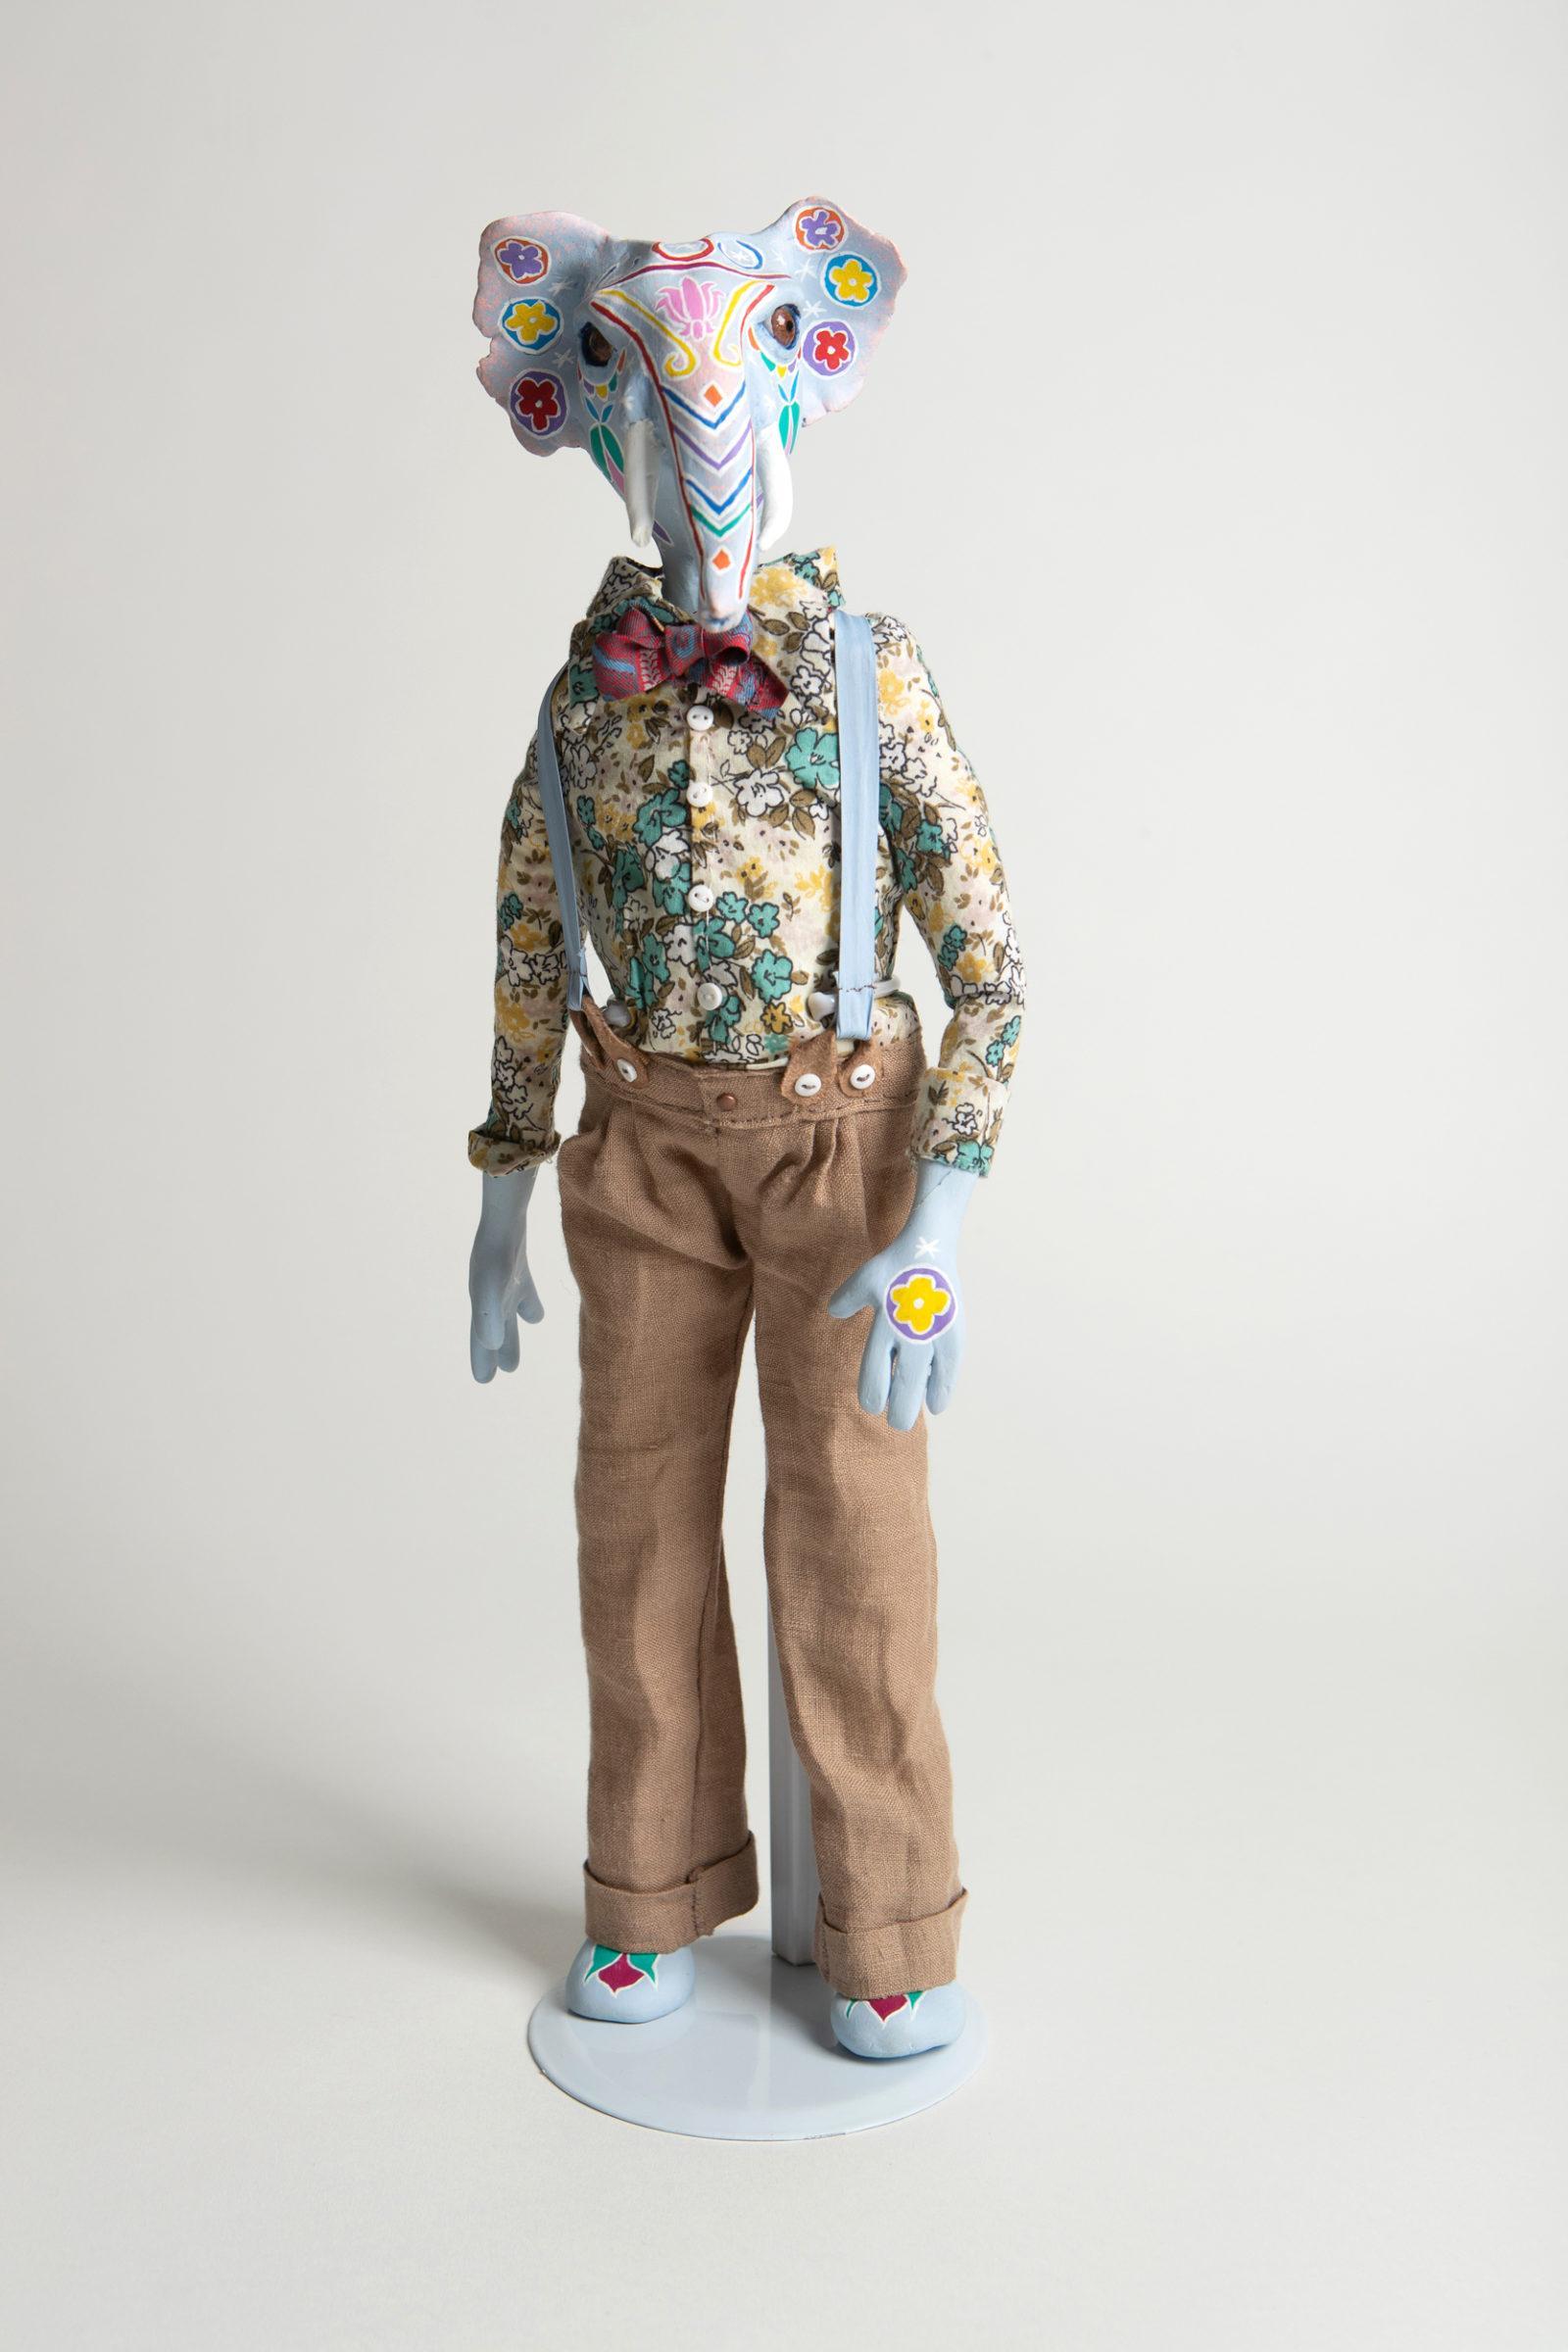 Sarah Bradley's animal sculptures